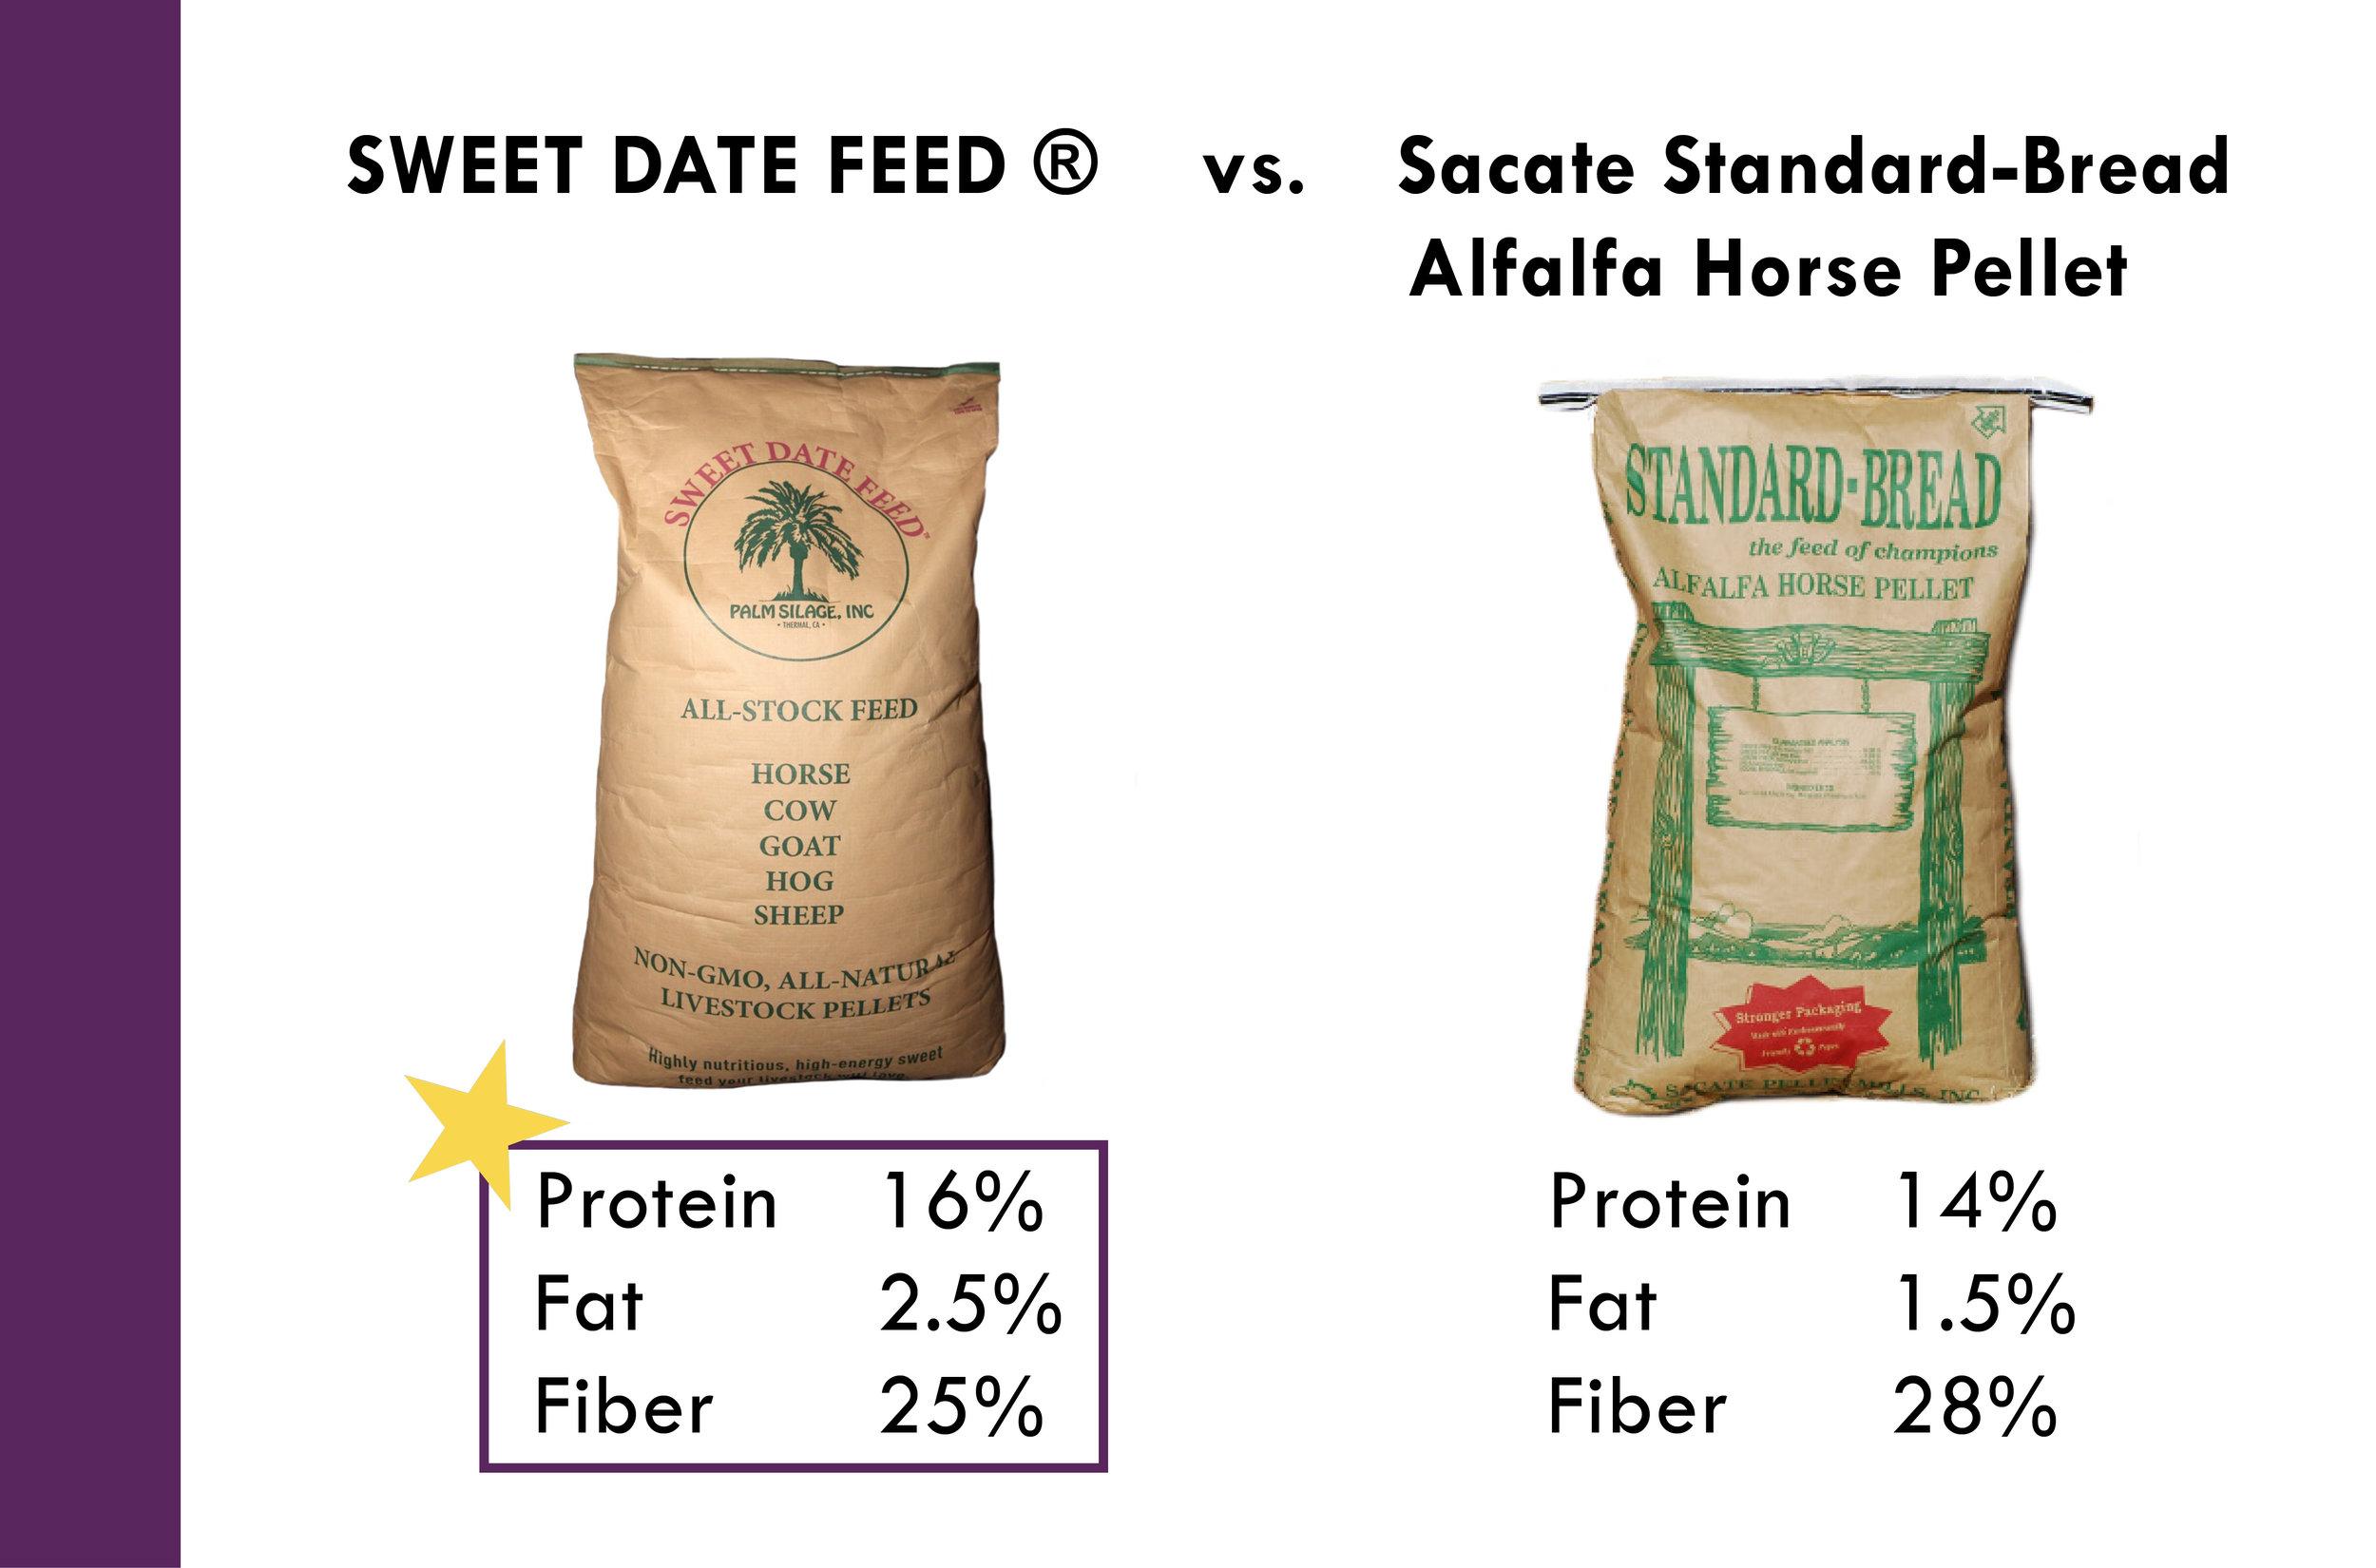 Why Sweet Date Feed_Palm Silage, Inc. 10-11-178.jpg